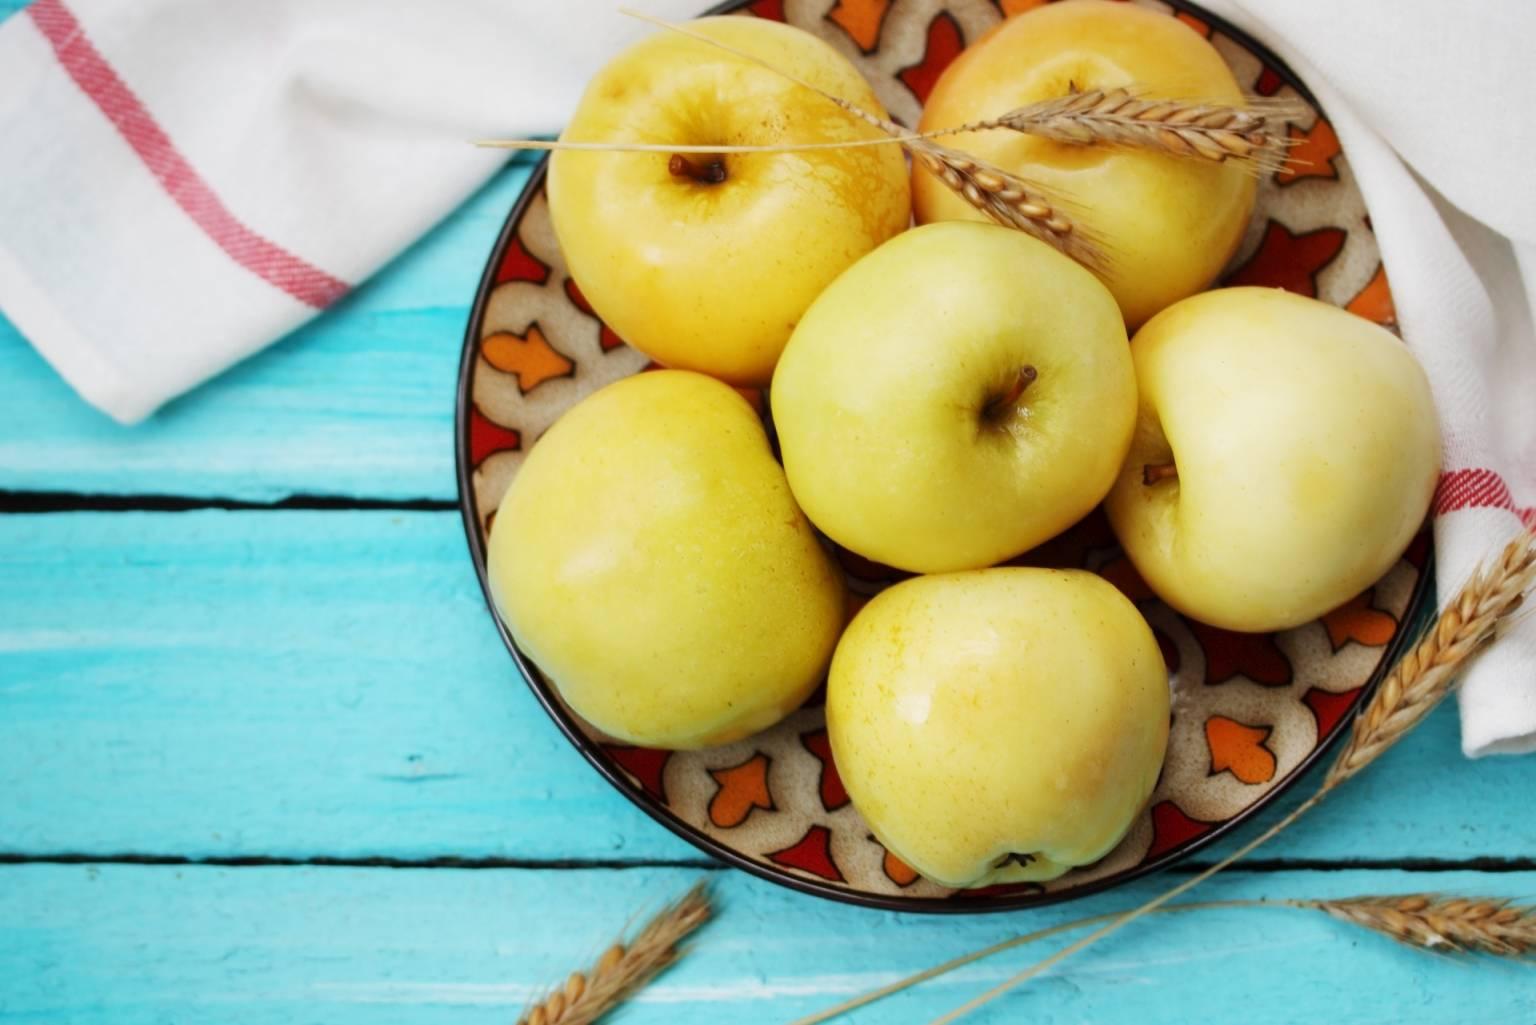 Przepis na kiszone jabłka. Żółte jesienne jabłka na talerzu na niebieskim drewnianym stole.